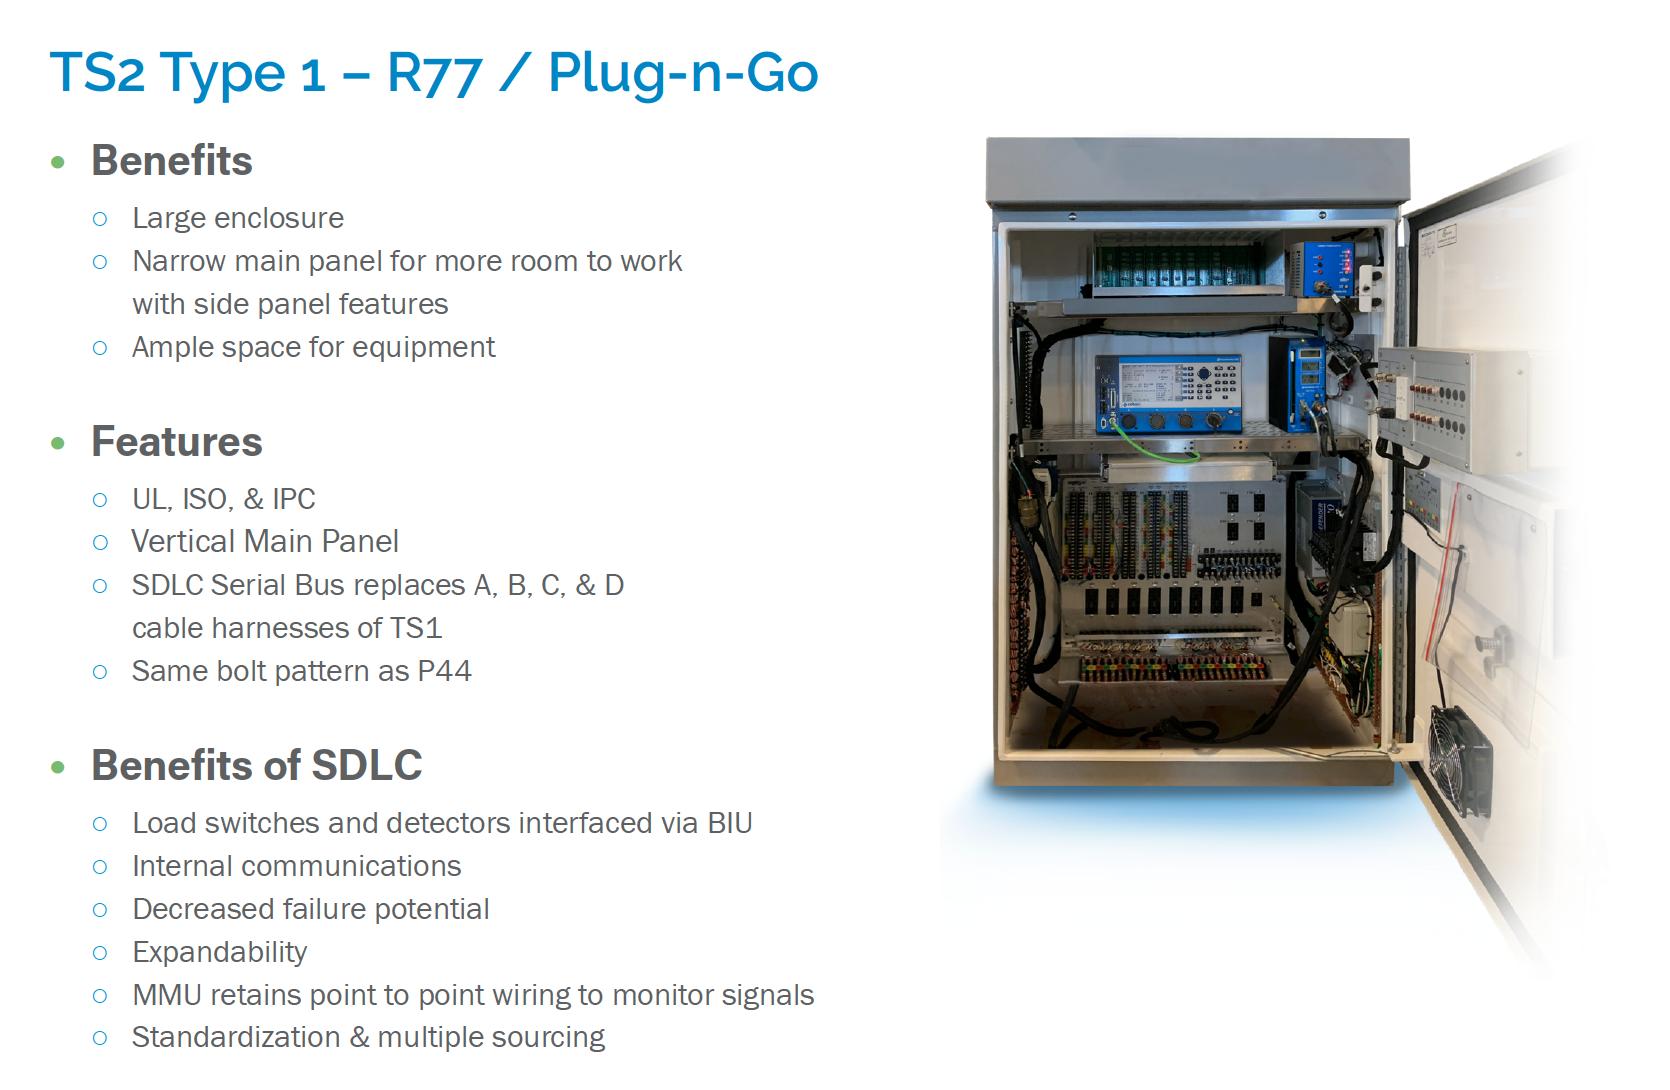 TS2 Type 1 – R77 / Plug-n-Go